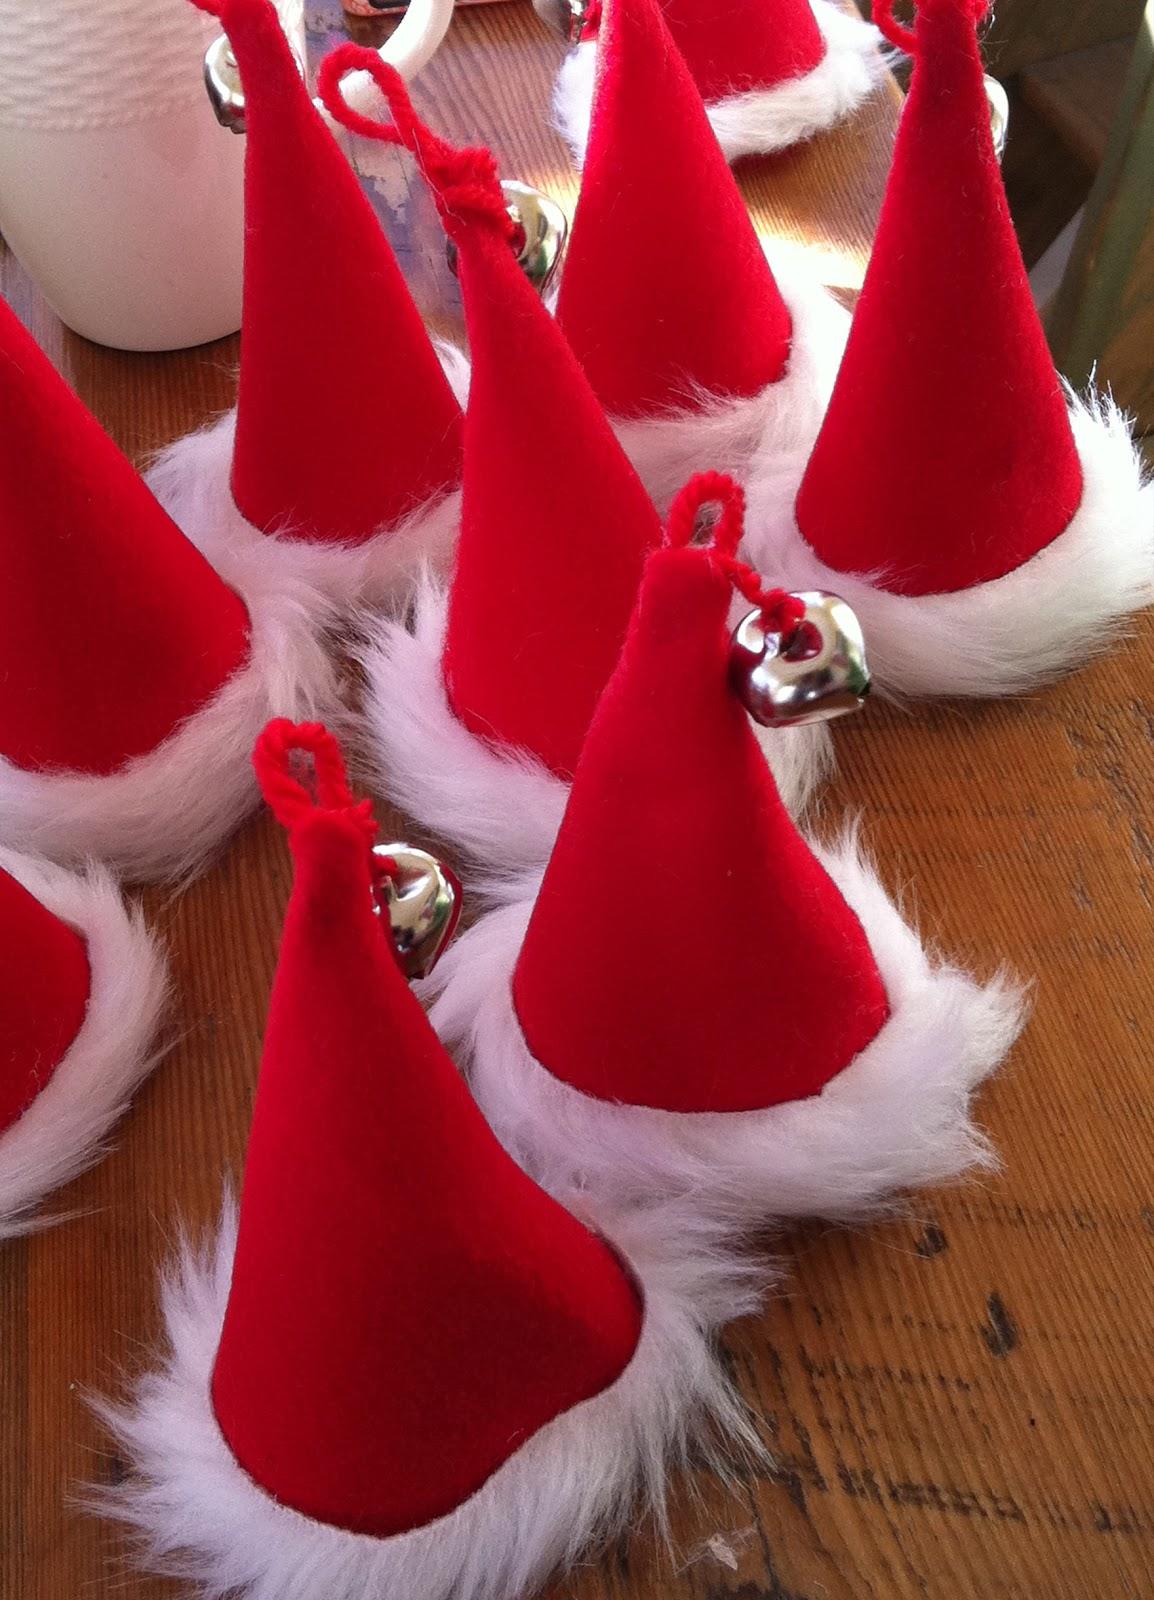 Karin lidbeck day countdown santa tree and ornaments